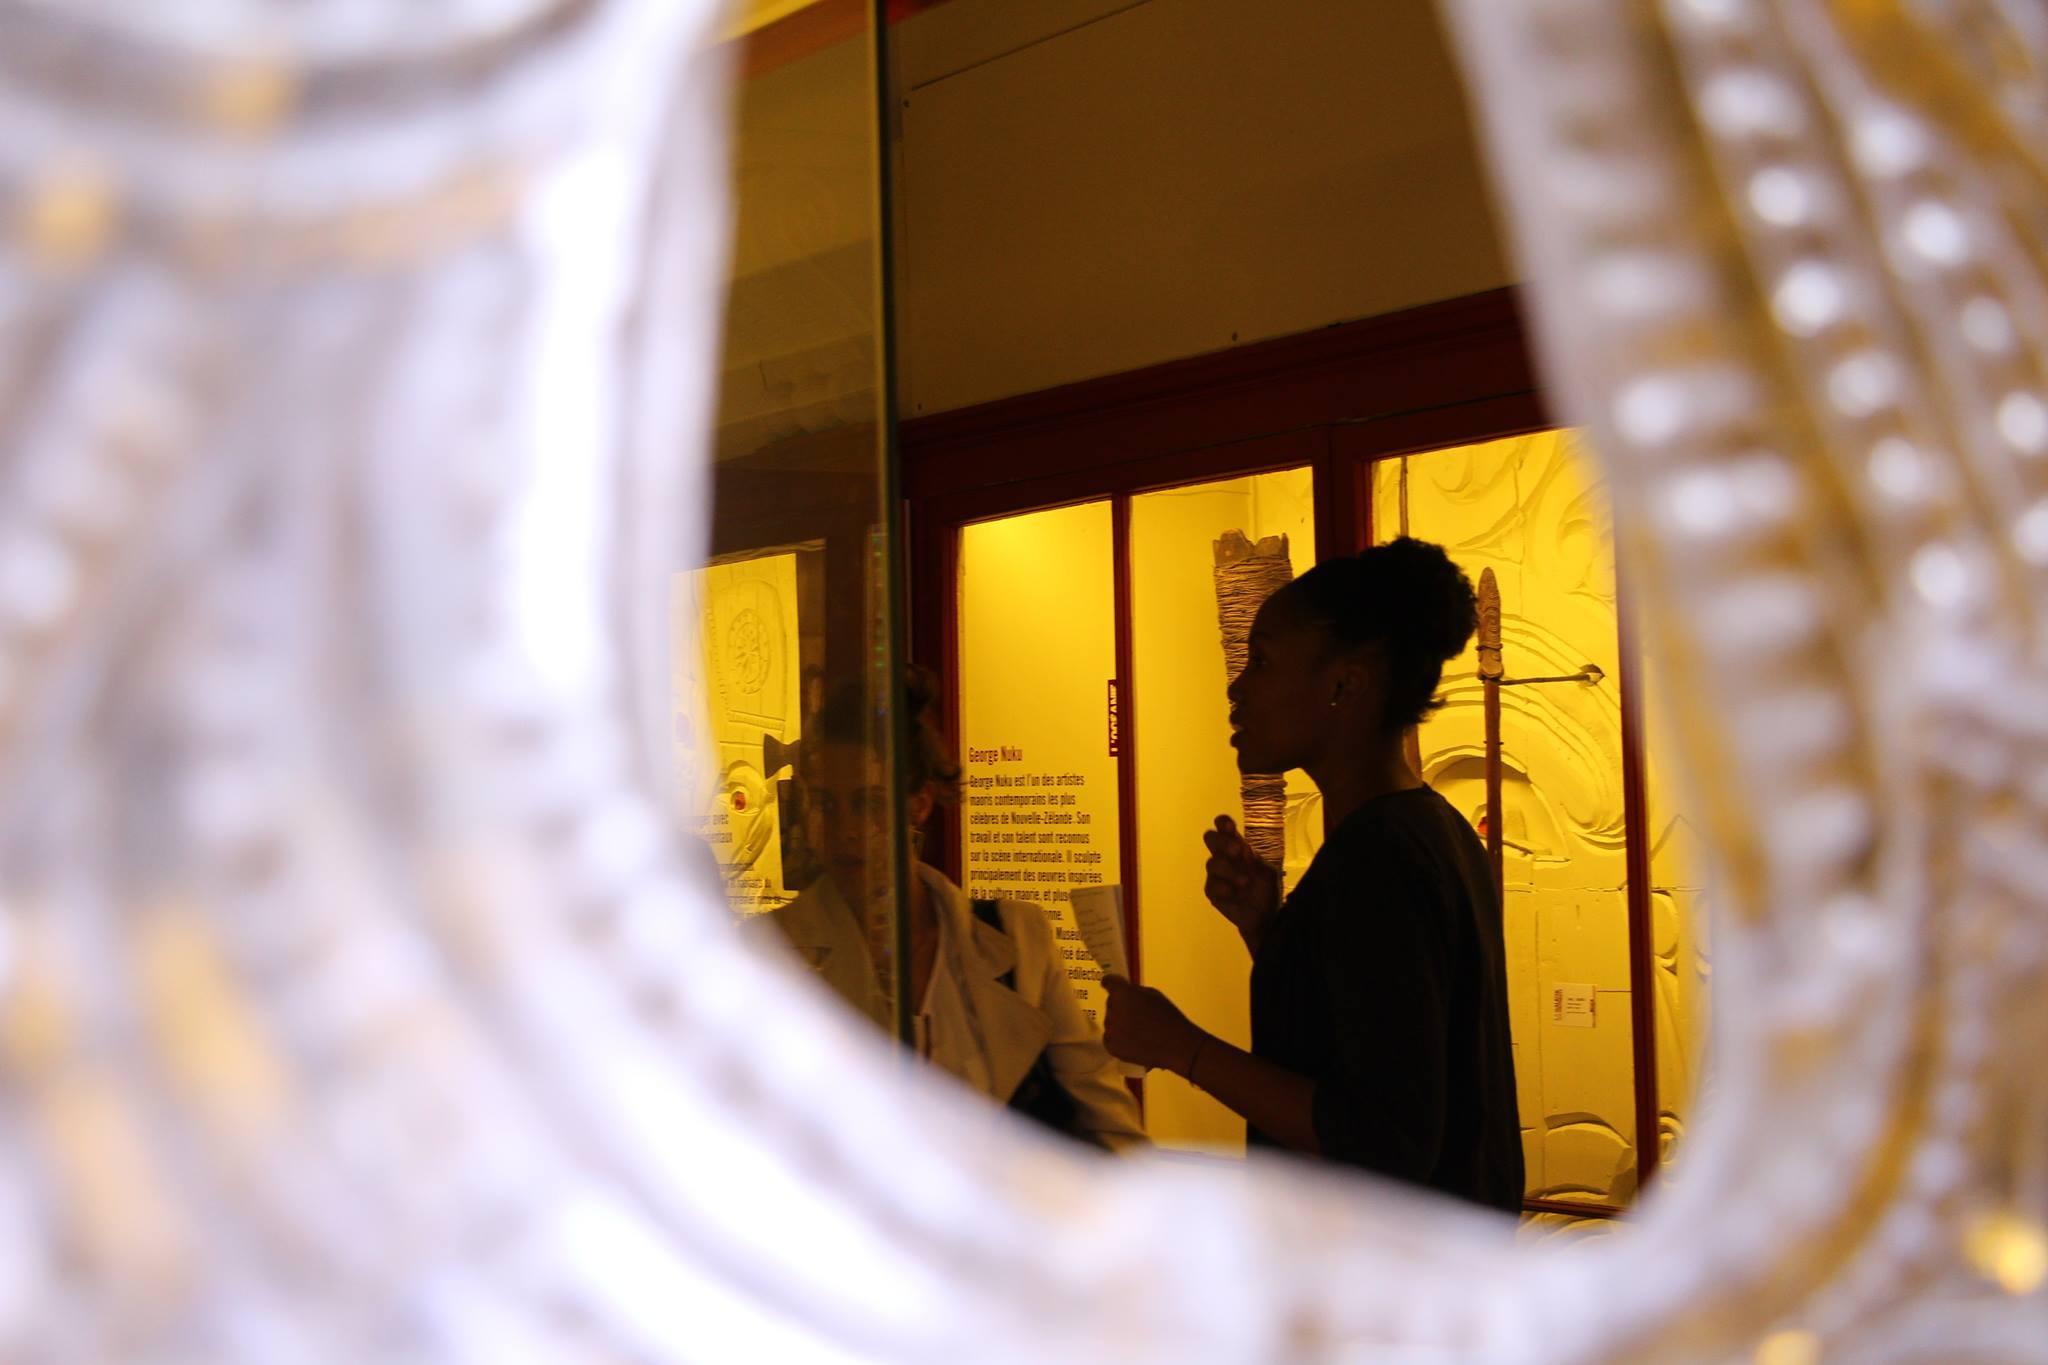 Muséum De Rouen - MHNR